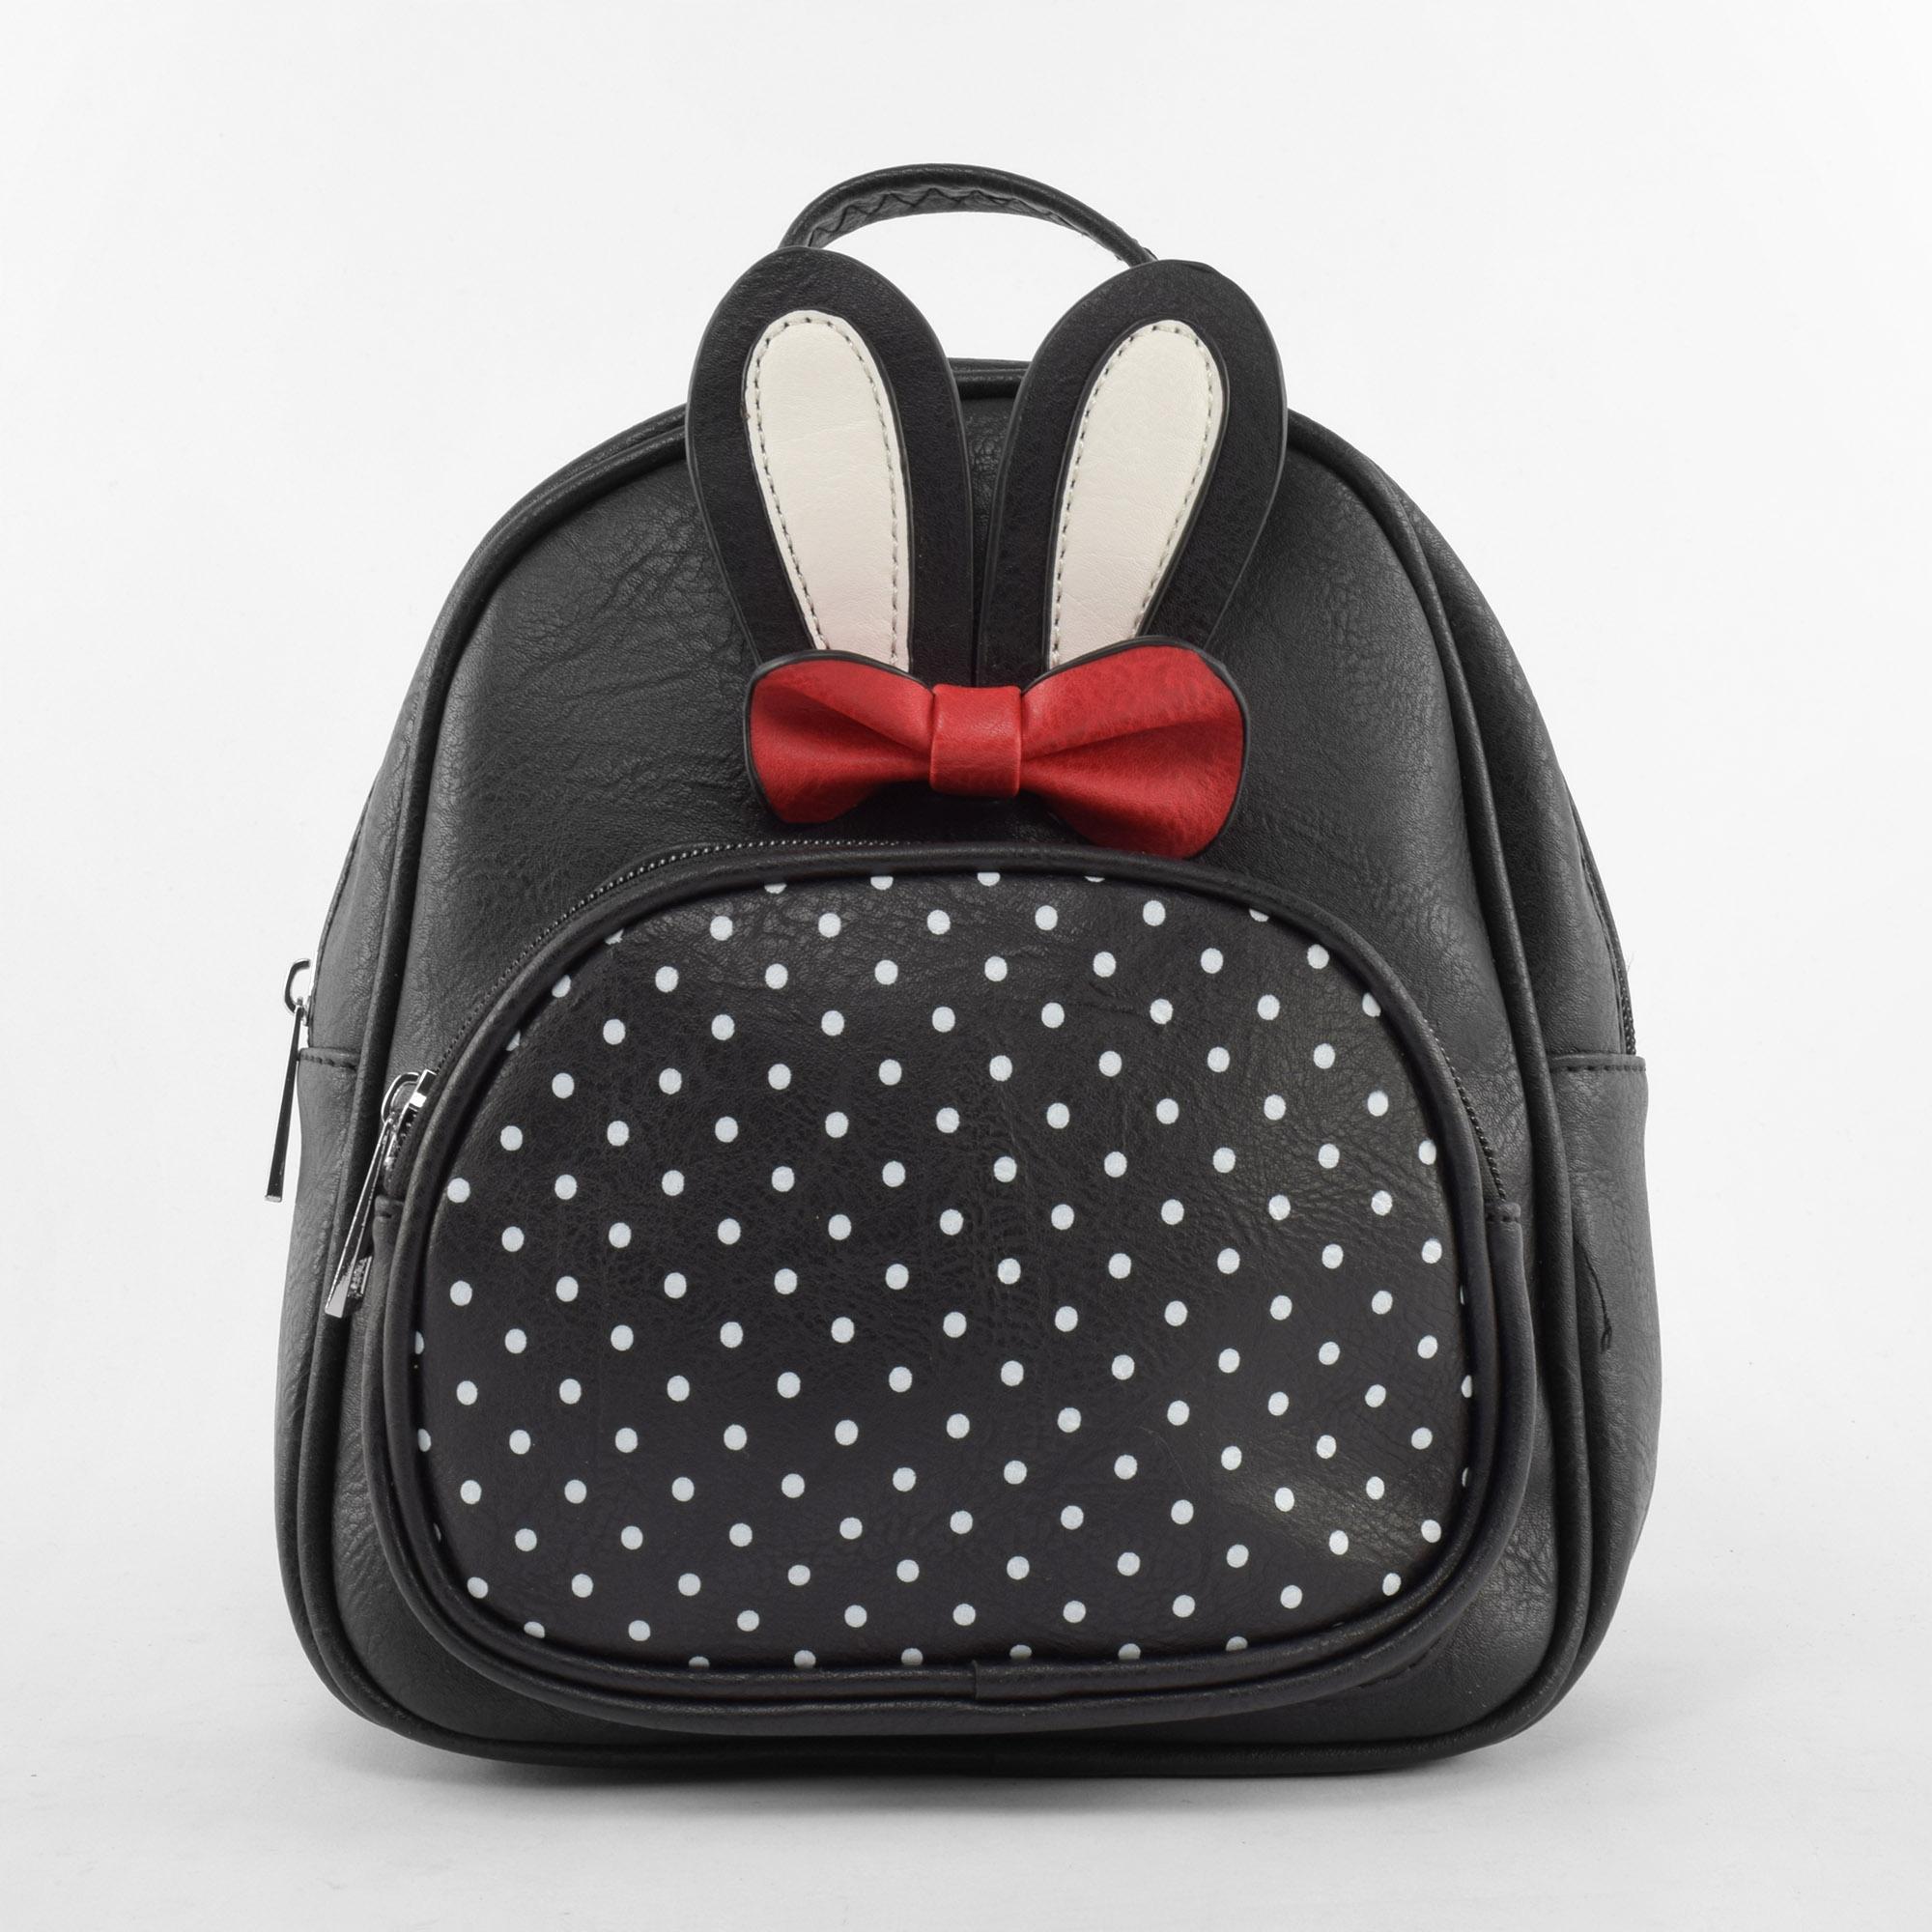 c9f3e245bfd9 Női Fekete Nyuszifüles és Pöttyös Műbőr Hátizsák - Műbőr - Táska webáruház  - Minőségi táskák mindenkinek